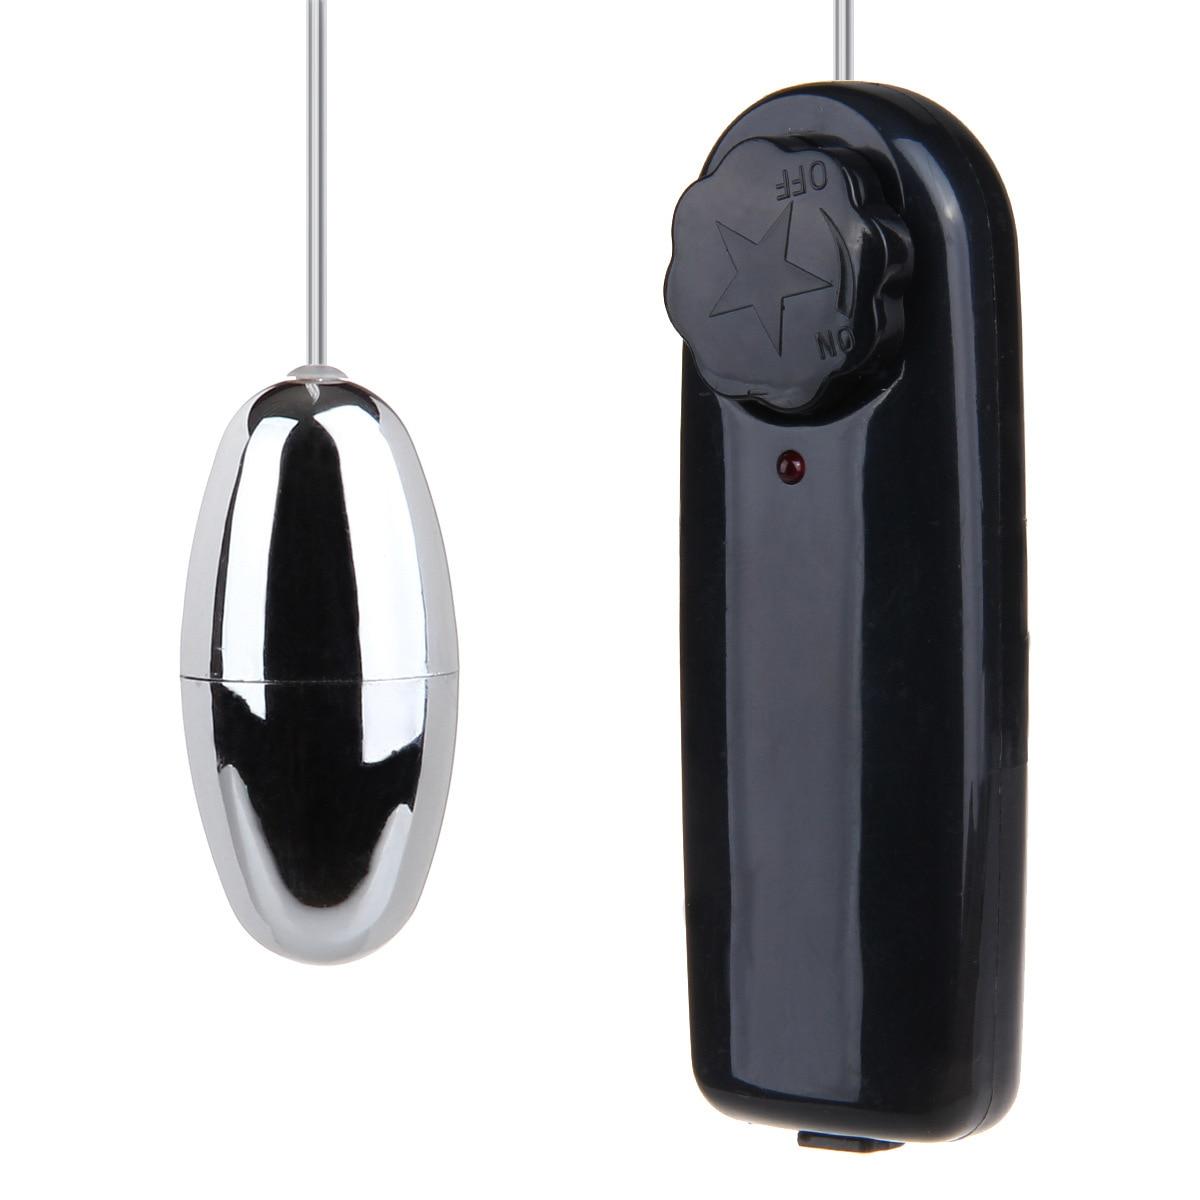 Мини Пуля Вибраторы для Для женщин прыжок яйцо влагалище шары vibrador Клиторальные Пятна Г секс-игрушки для женщины, мастурбации Stroker